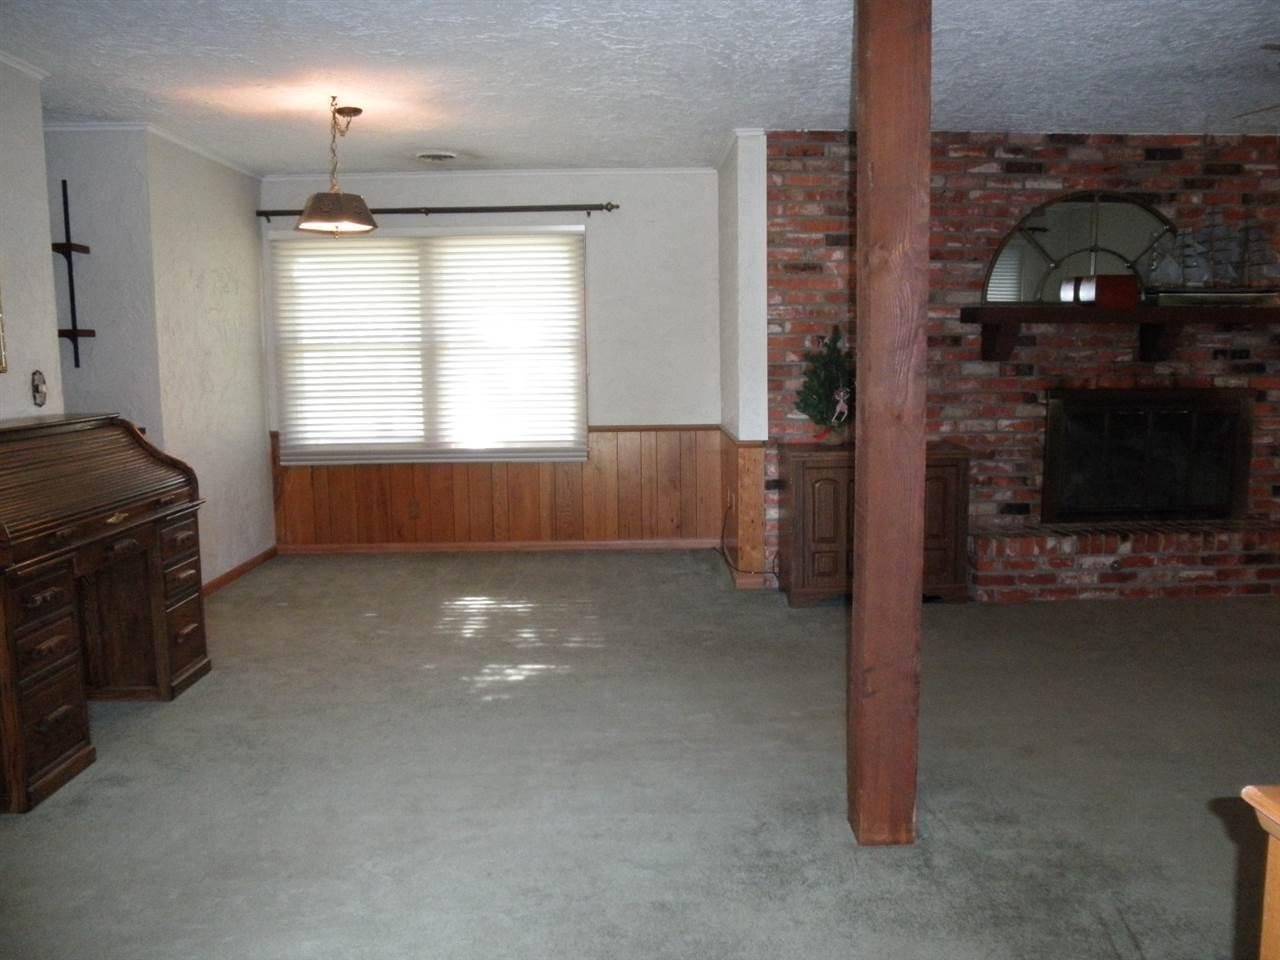 Sold Cross Sale W/ MLS | 1227 S Main  Blackwell, OK 74631 7